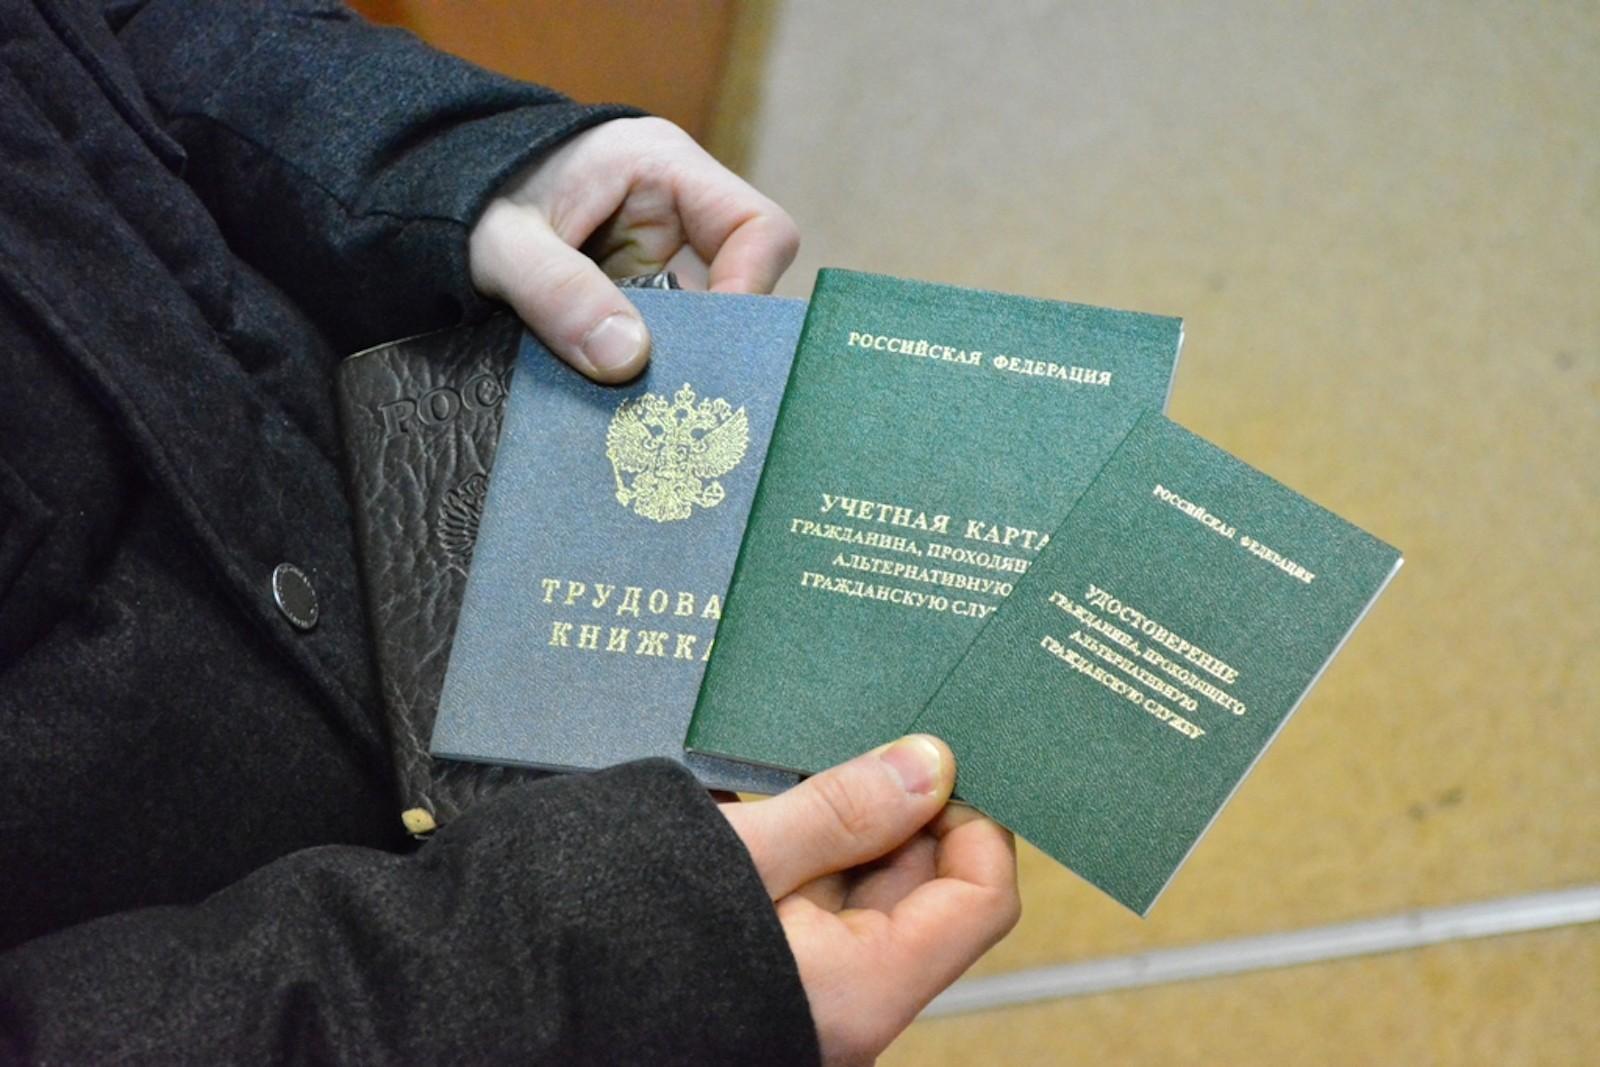 трудовая книжка и удостоверение гражданина, проходящего альтернативную гажданскую службу